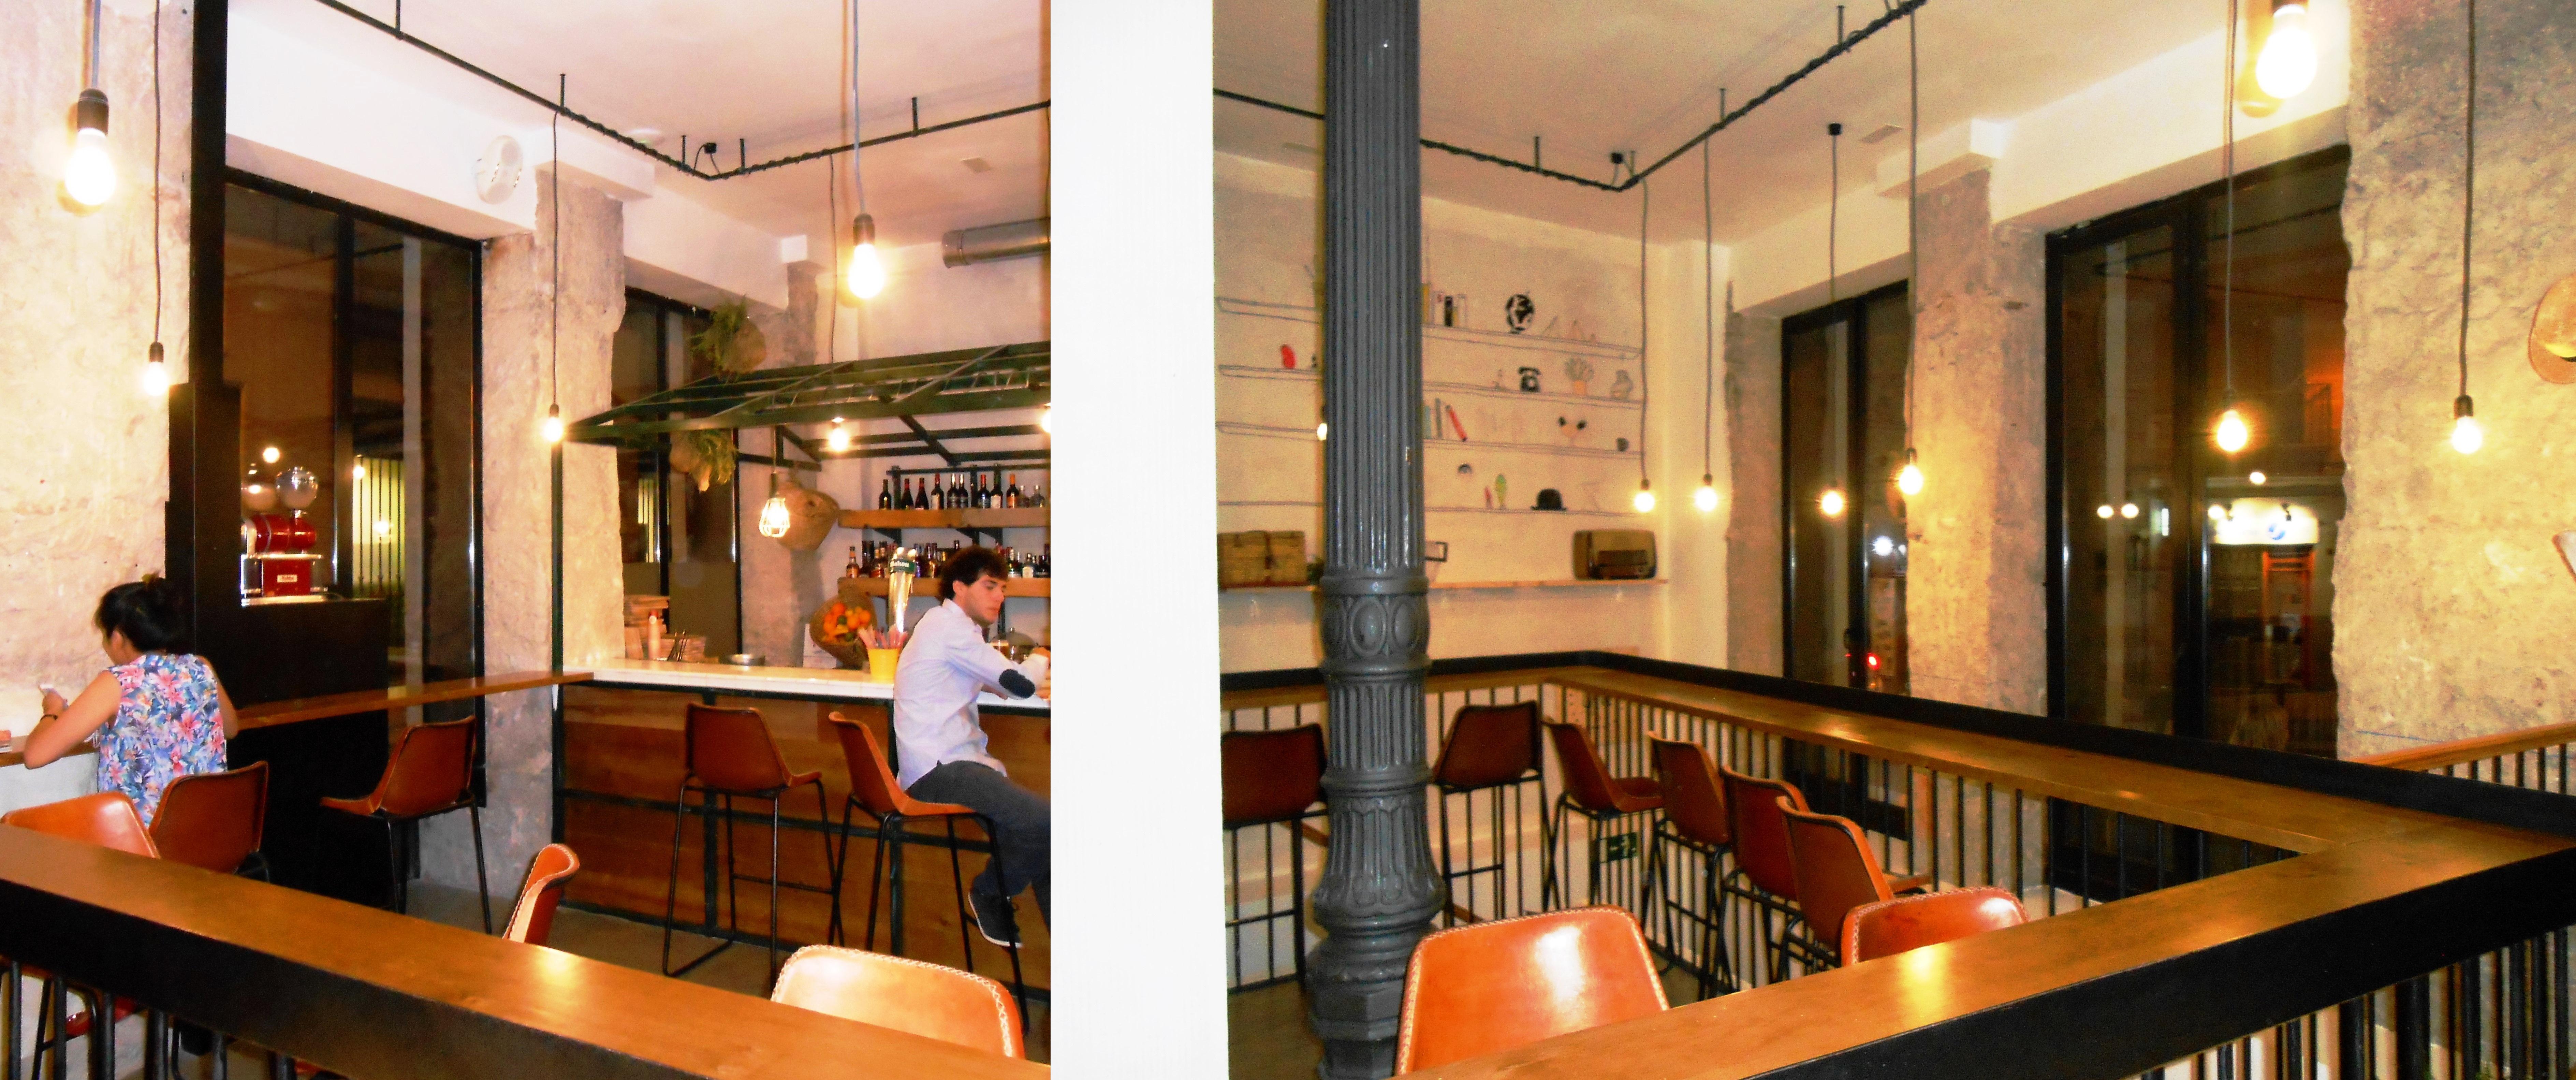 The Hat bar Te Veo en Madrid